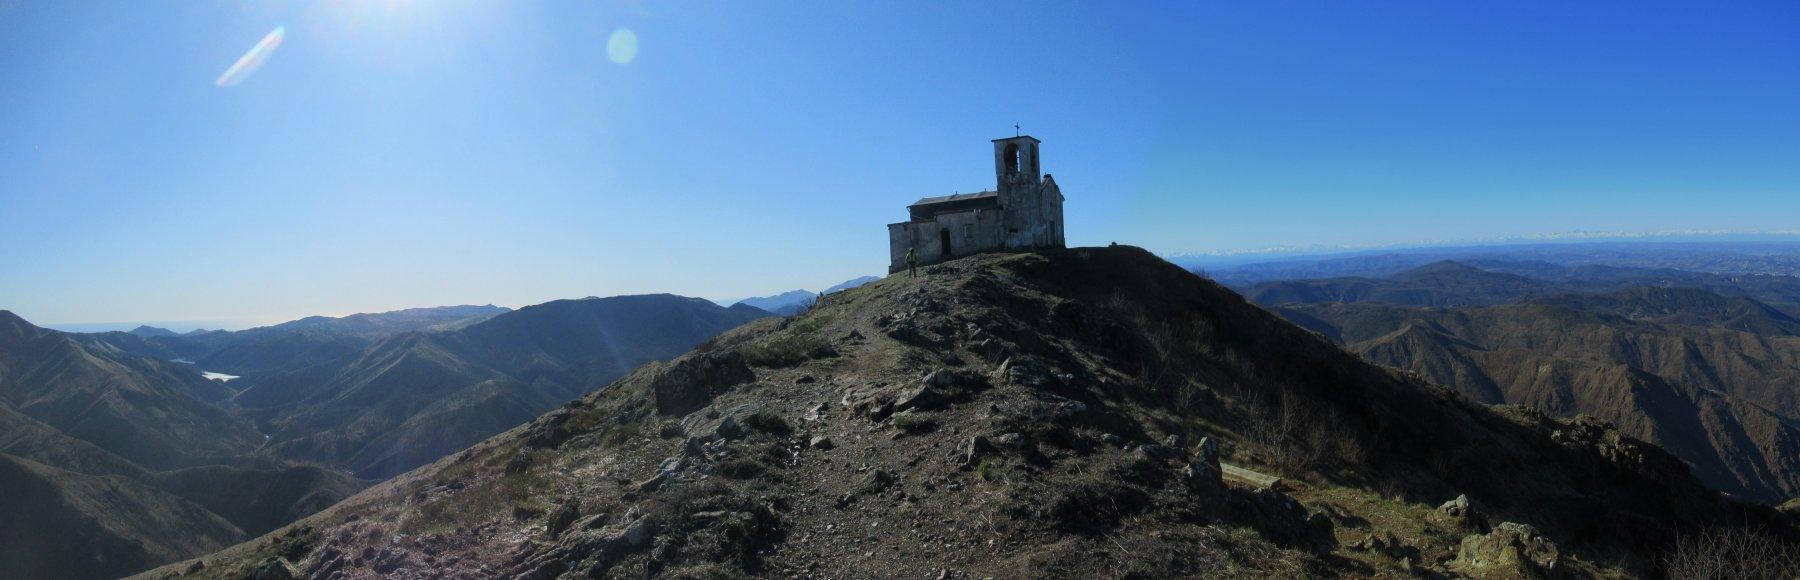 Chiesetta in vetta al Monte Tobbia